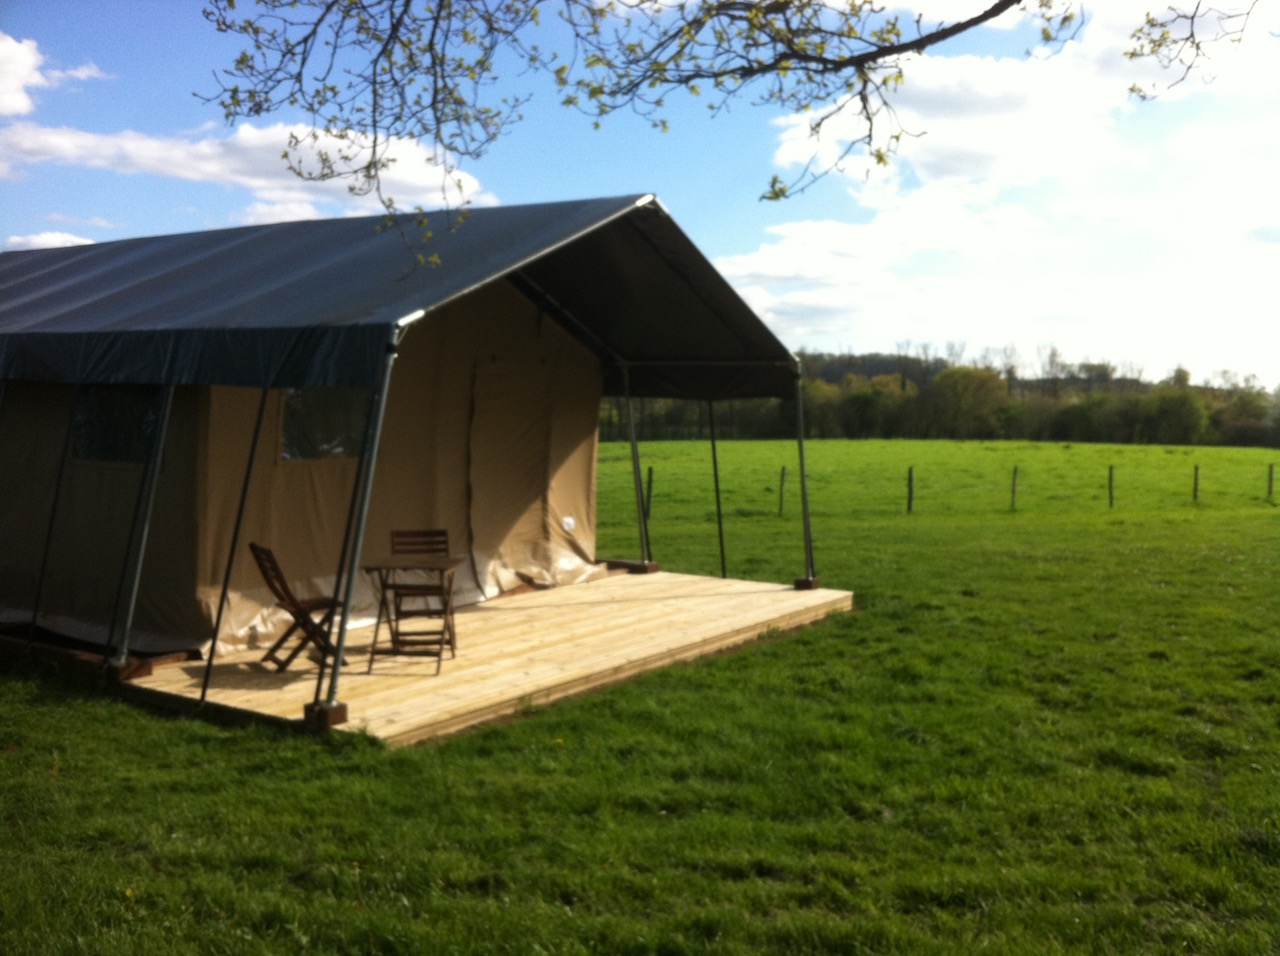 Salle De Bain Petit Espace Couloir ~ Limousin Farm Holidays H Bergement De Luxe Dans Les Tentes Safari